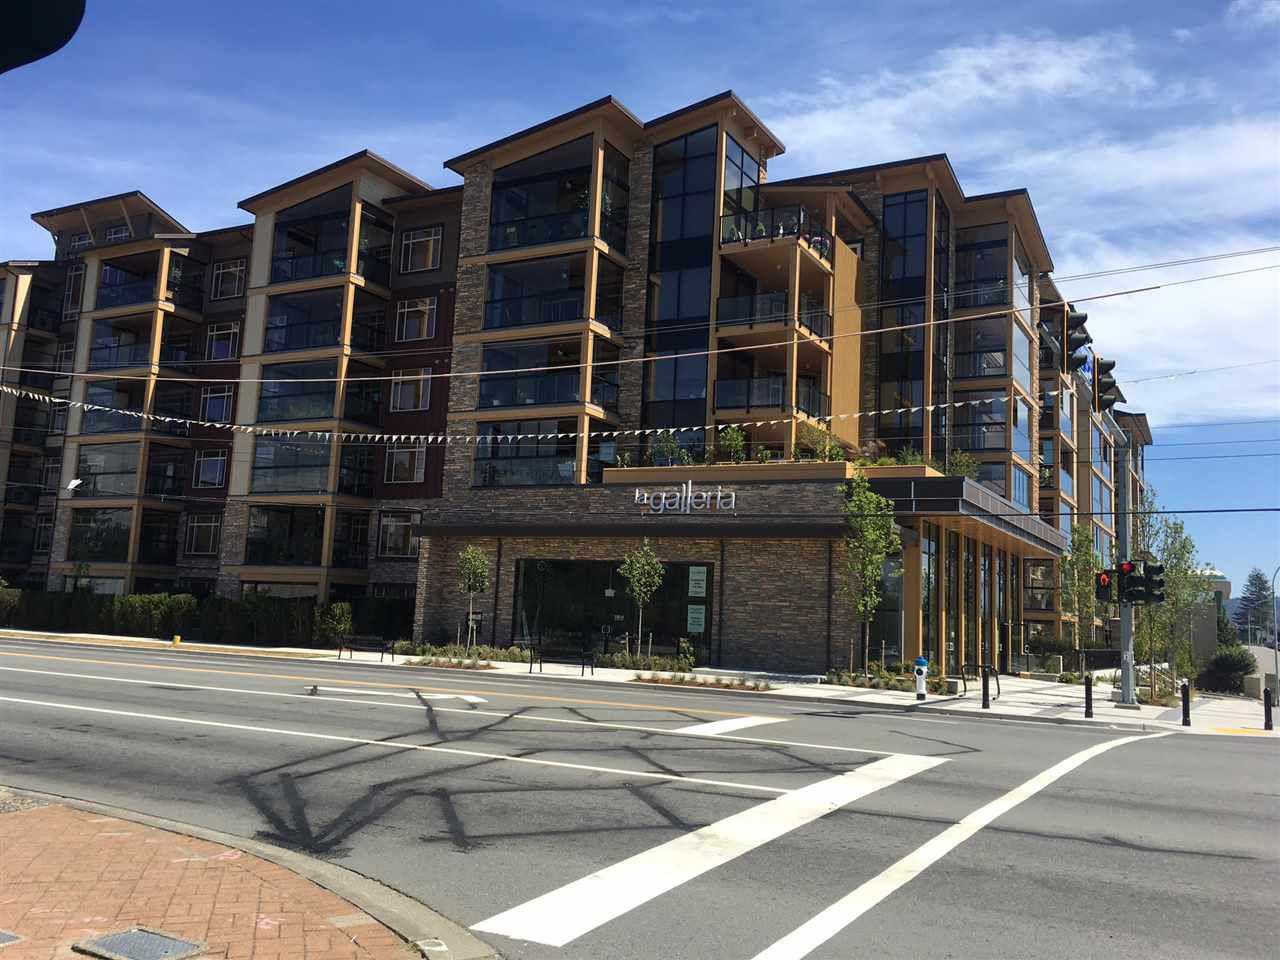 Main Photo: 311 32445 SIMON AVENUE in Abbotsford: Abbotsford West Condo for sale : MLS®# R2214189